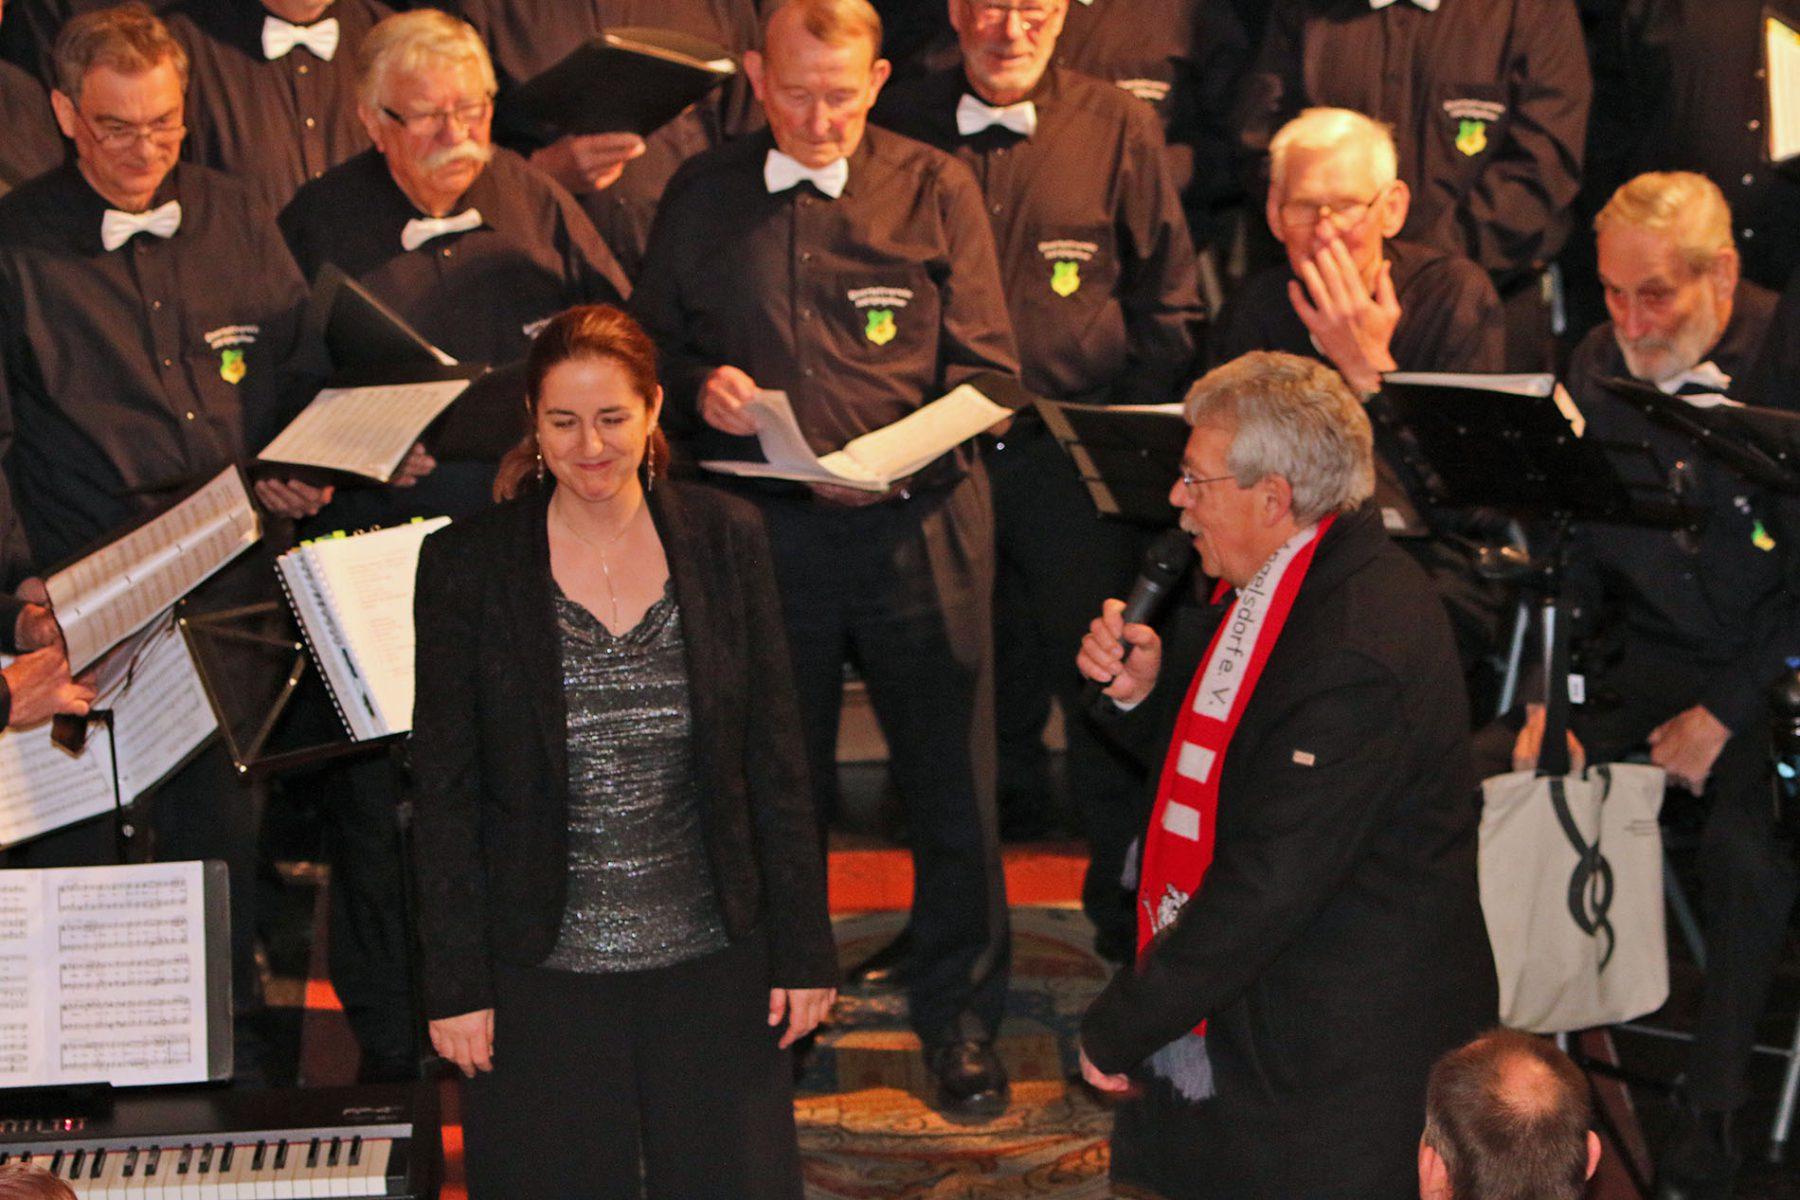 20200112_Neujahrskonzert-Kulturkirche-Elsdorf-Angelsdorf_Foto003